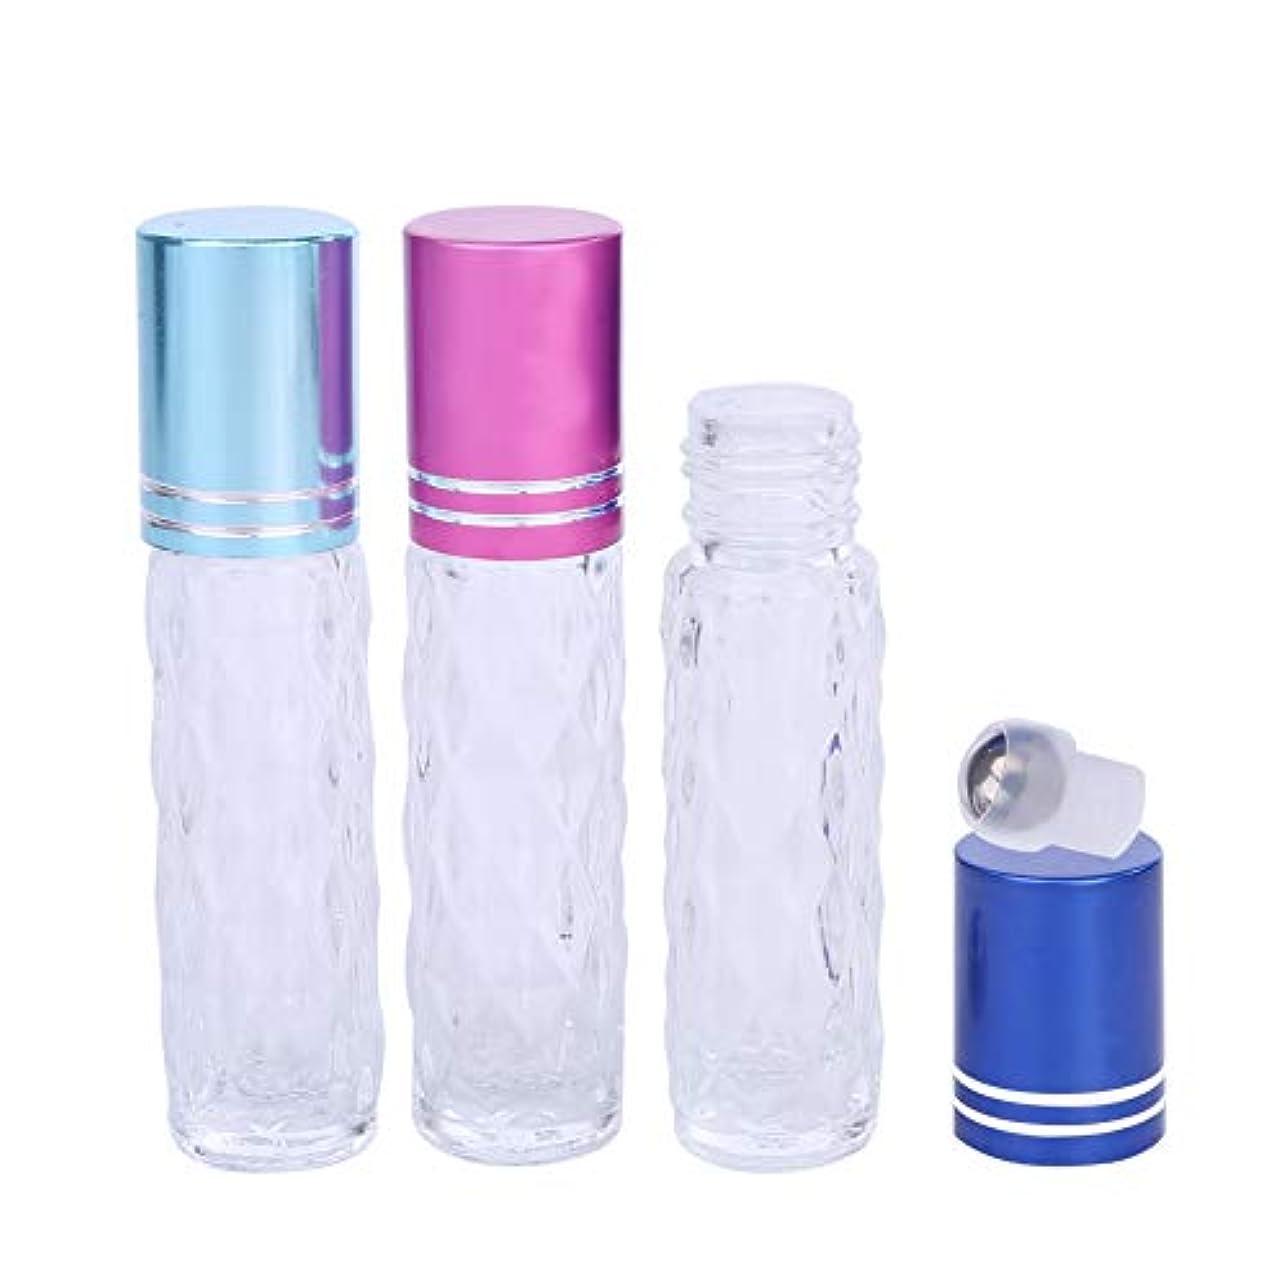 警戒郊外取り除くアロマスミス ロールオンボトル 7ml 3本セット ステンレスボール スポイト付 精油 エッセンシャルオイル 保存容器 詰替え 3色セット